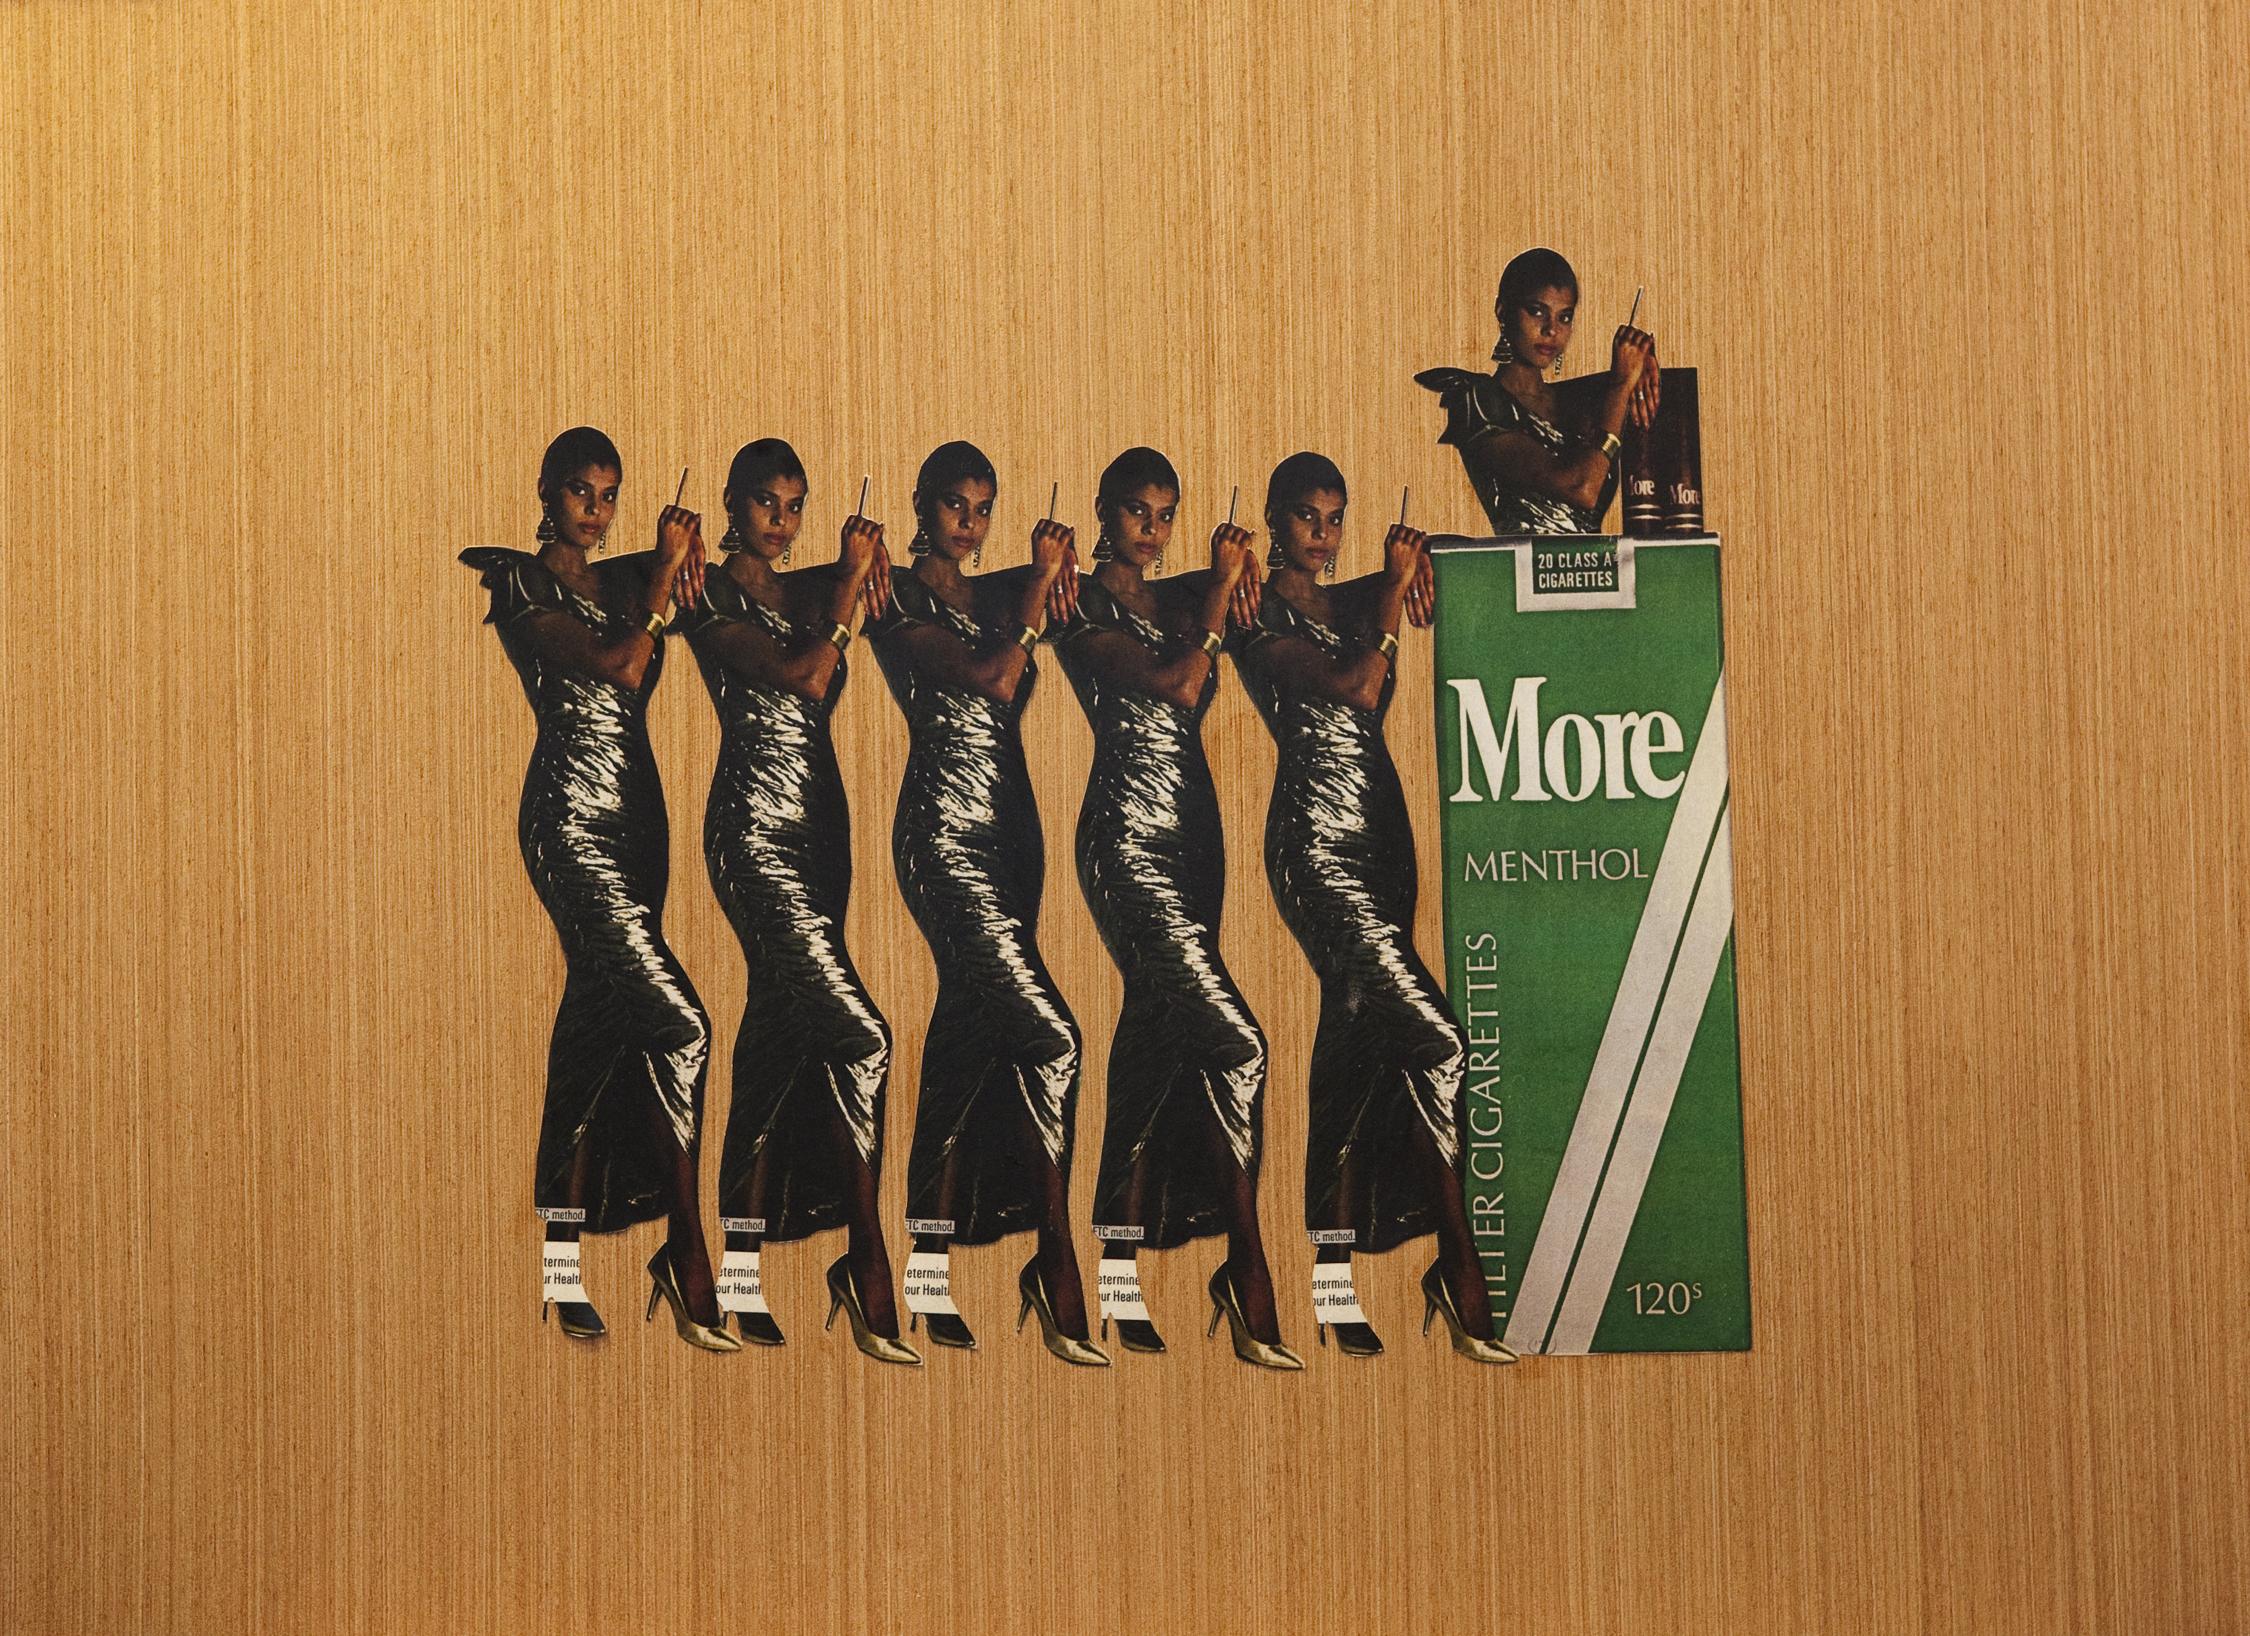 Smoke Up, Nigga #2   2013 24 x 19 Mix media collage on board